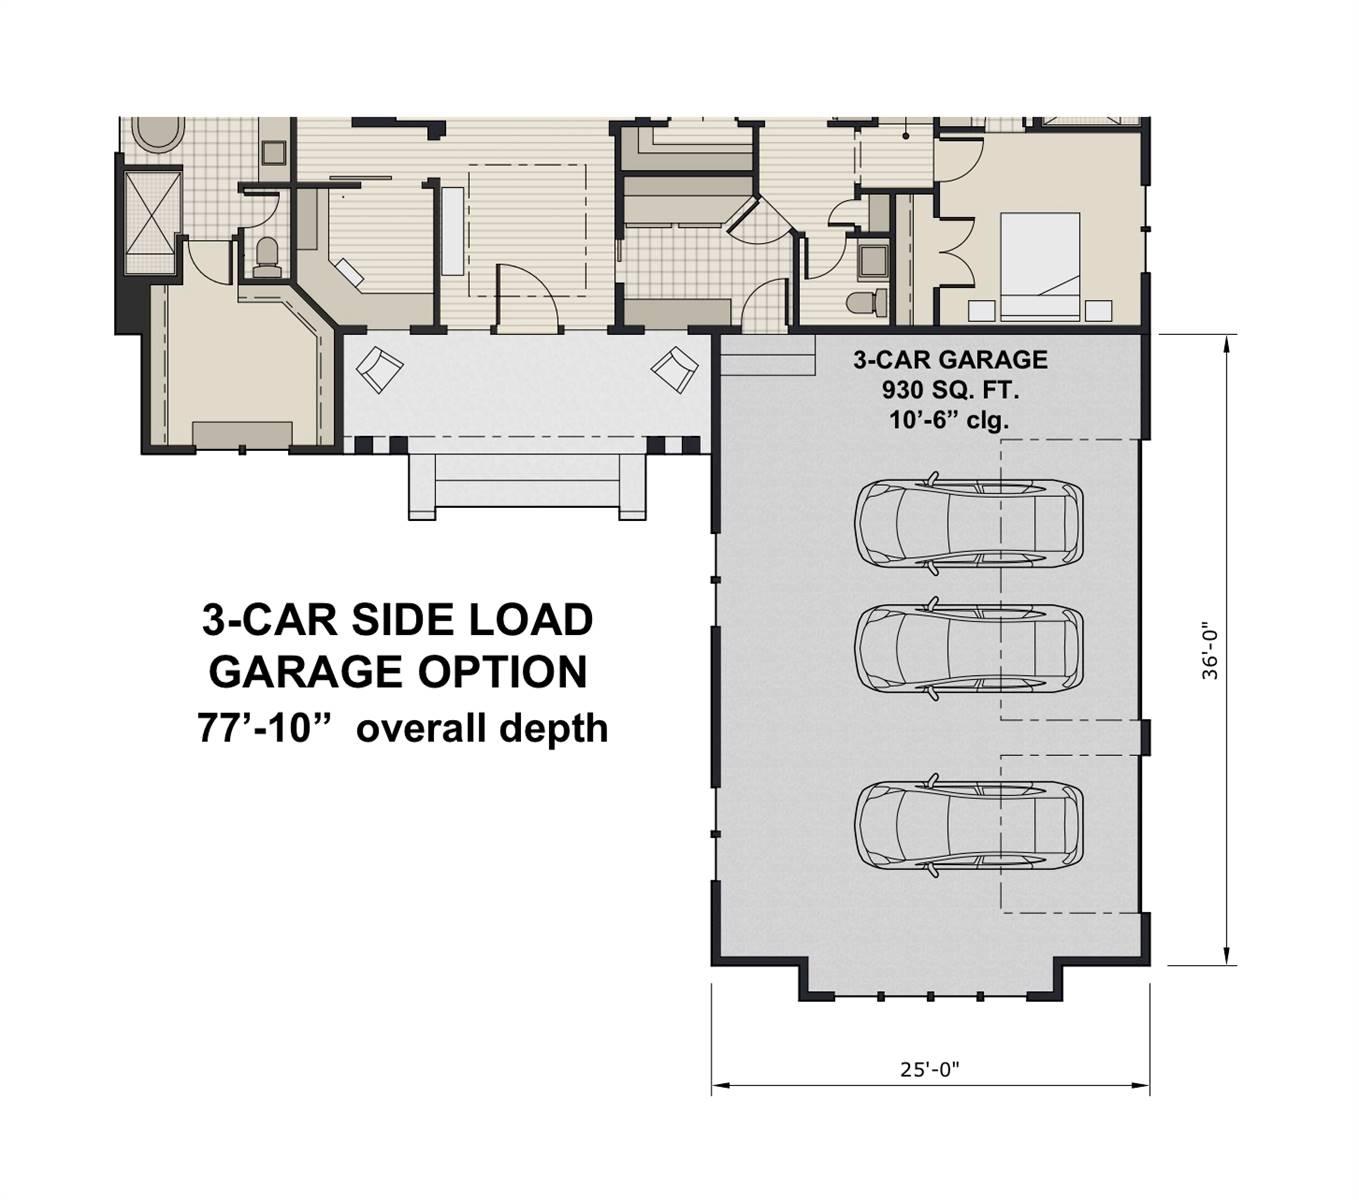 Side Load Garage Option